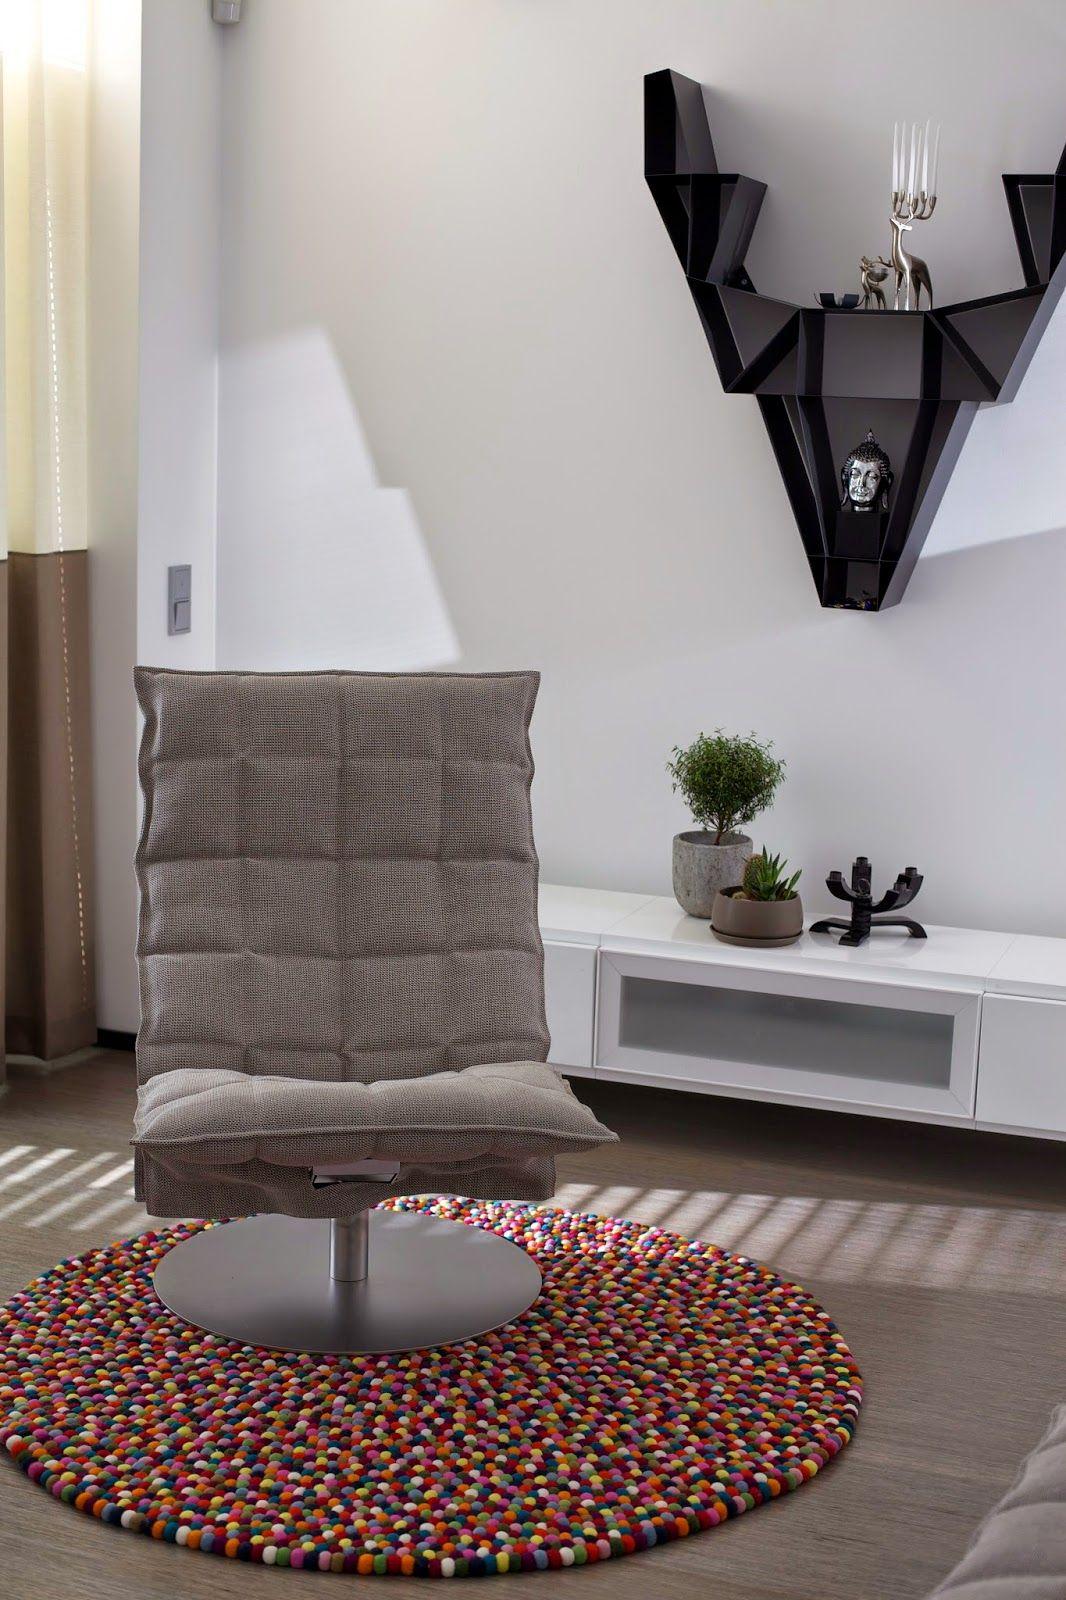 Alisha - rund | Einfache Wohnzimmer, Wohnzimmer und Neue wohnung